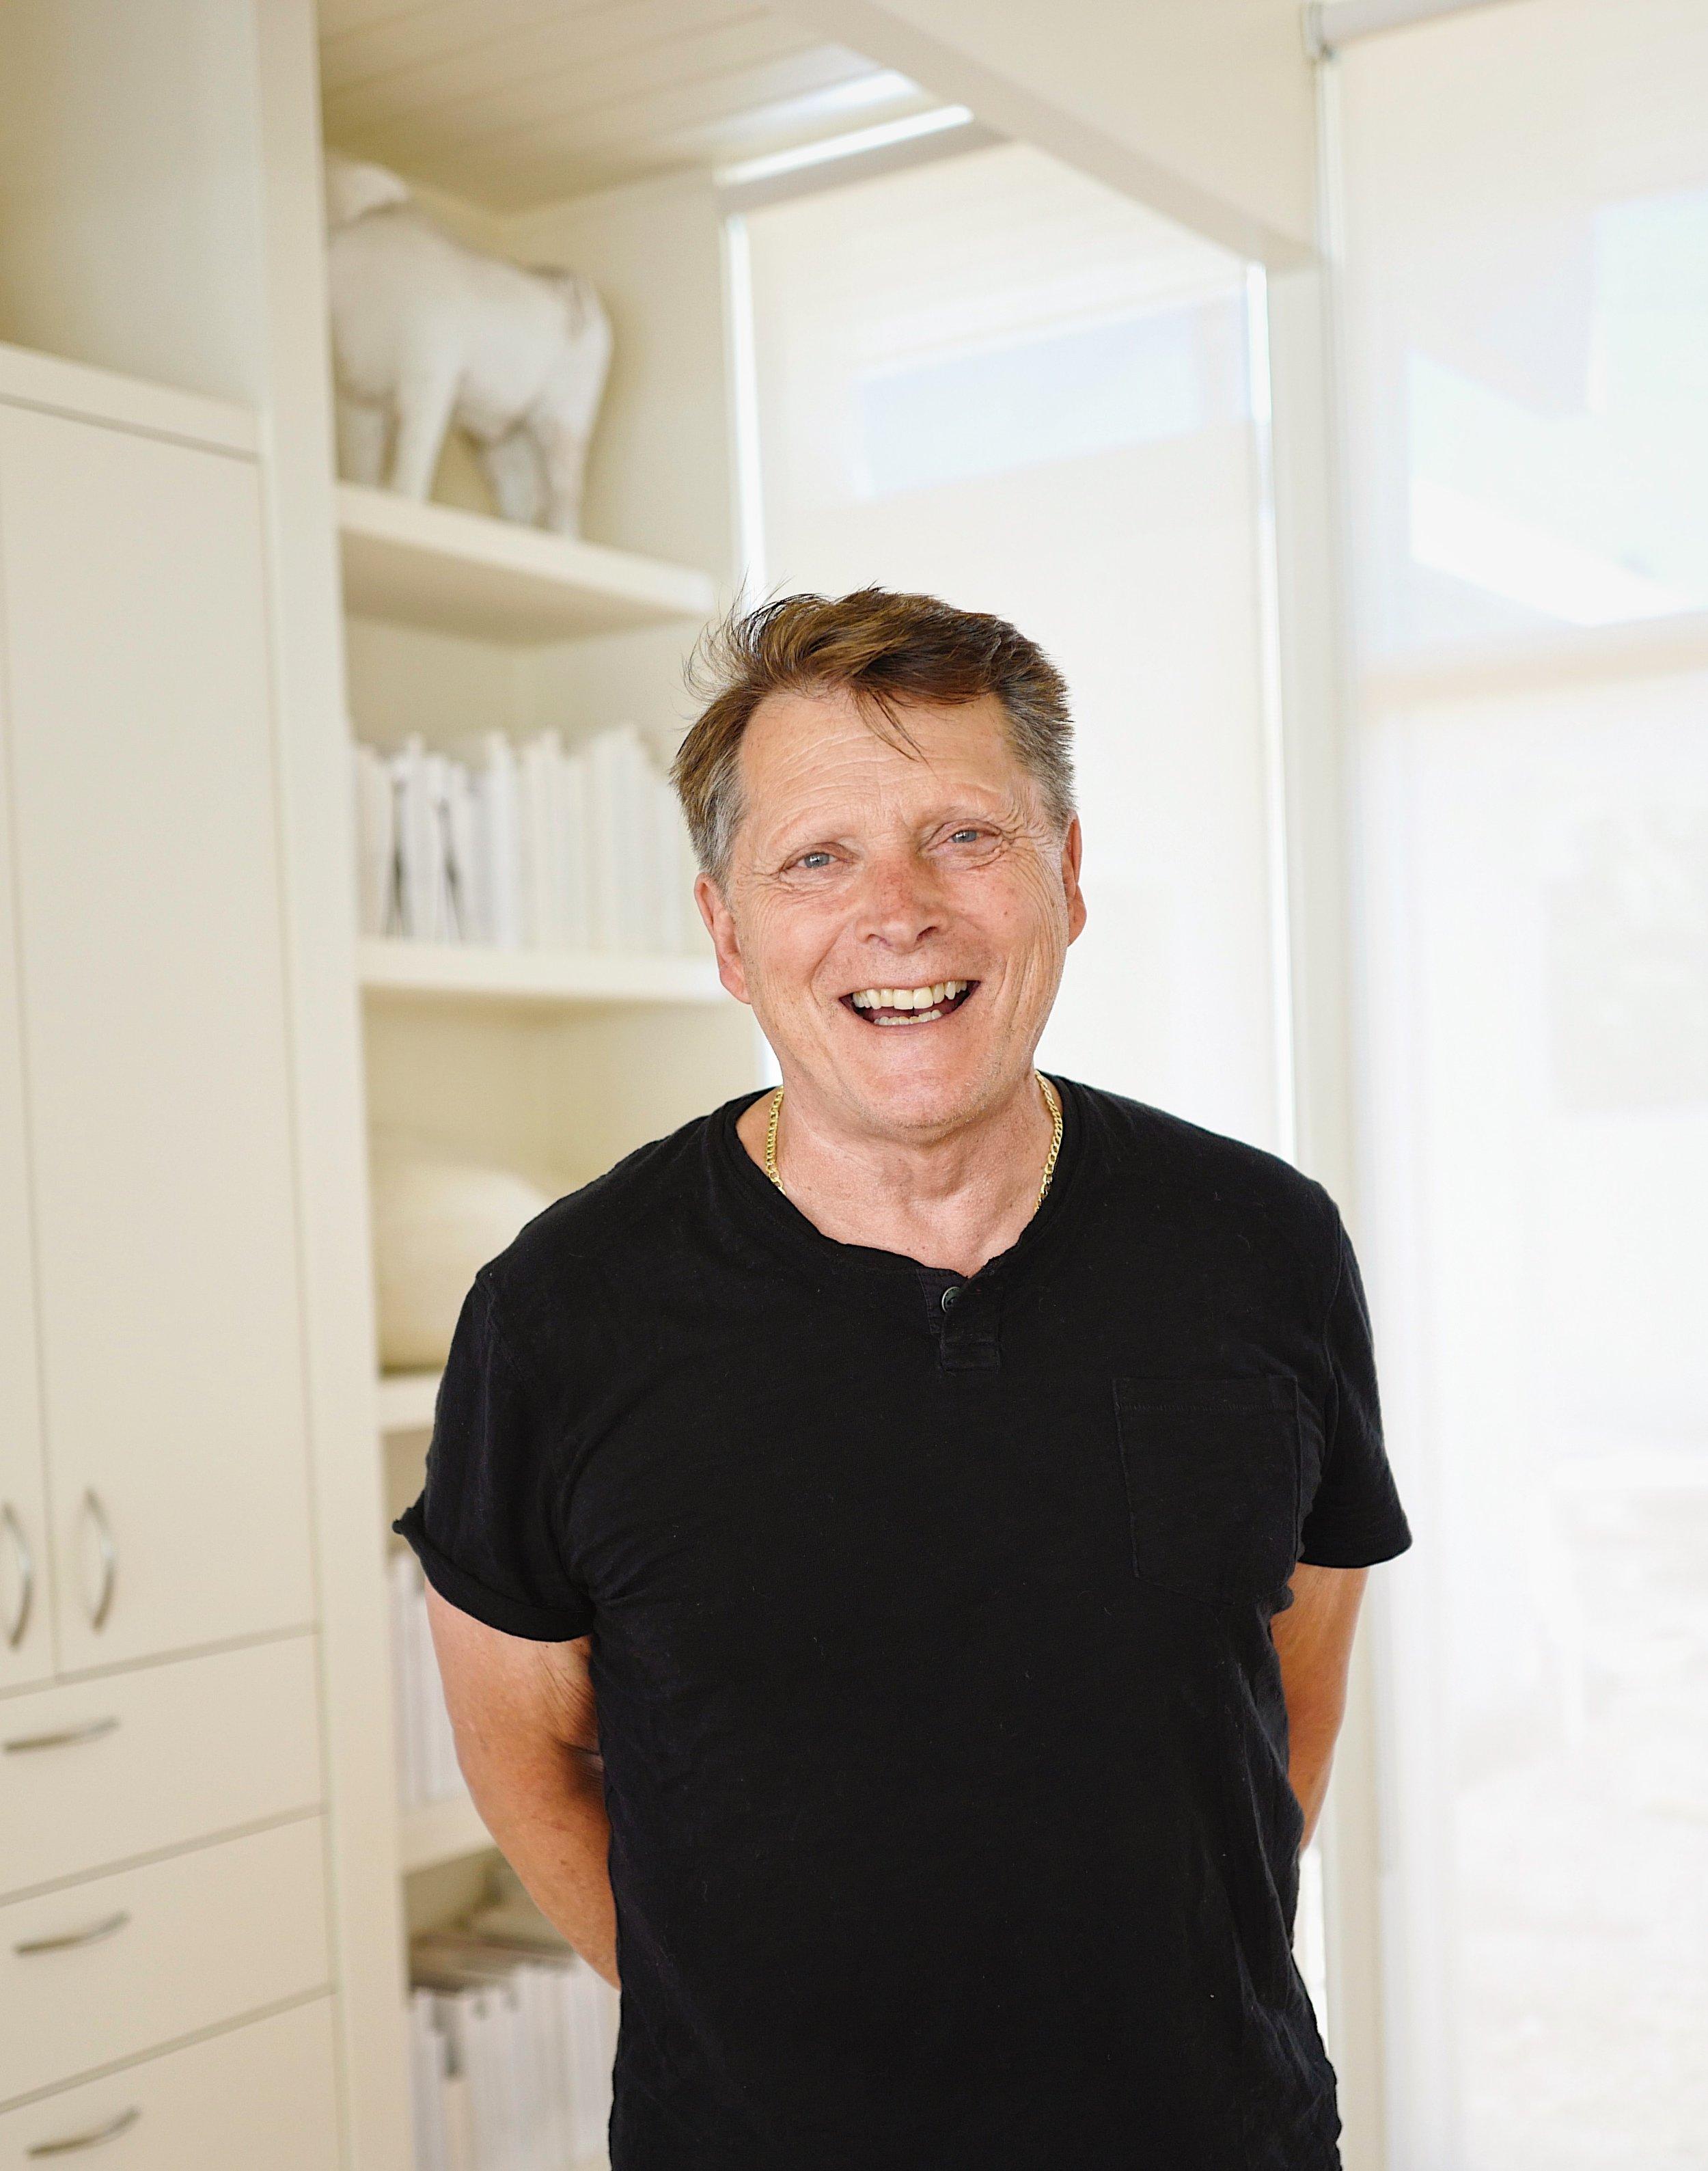 Daen Scheiber founded Scheiber Design Group in 1987.